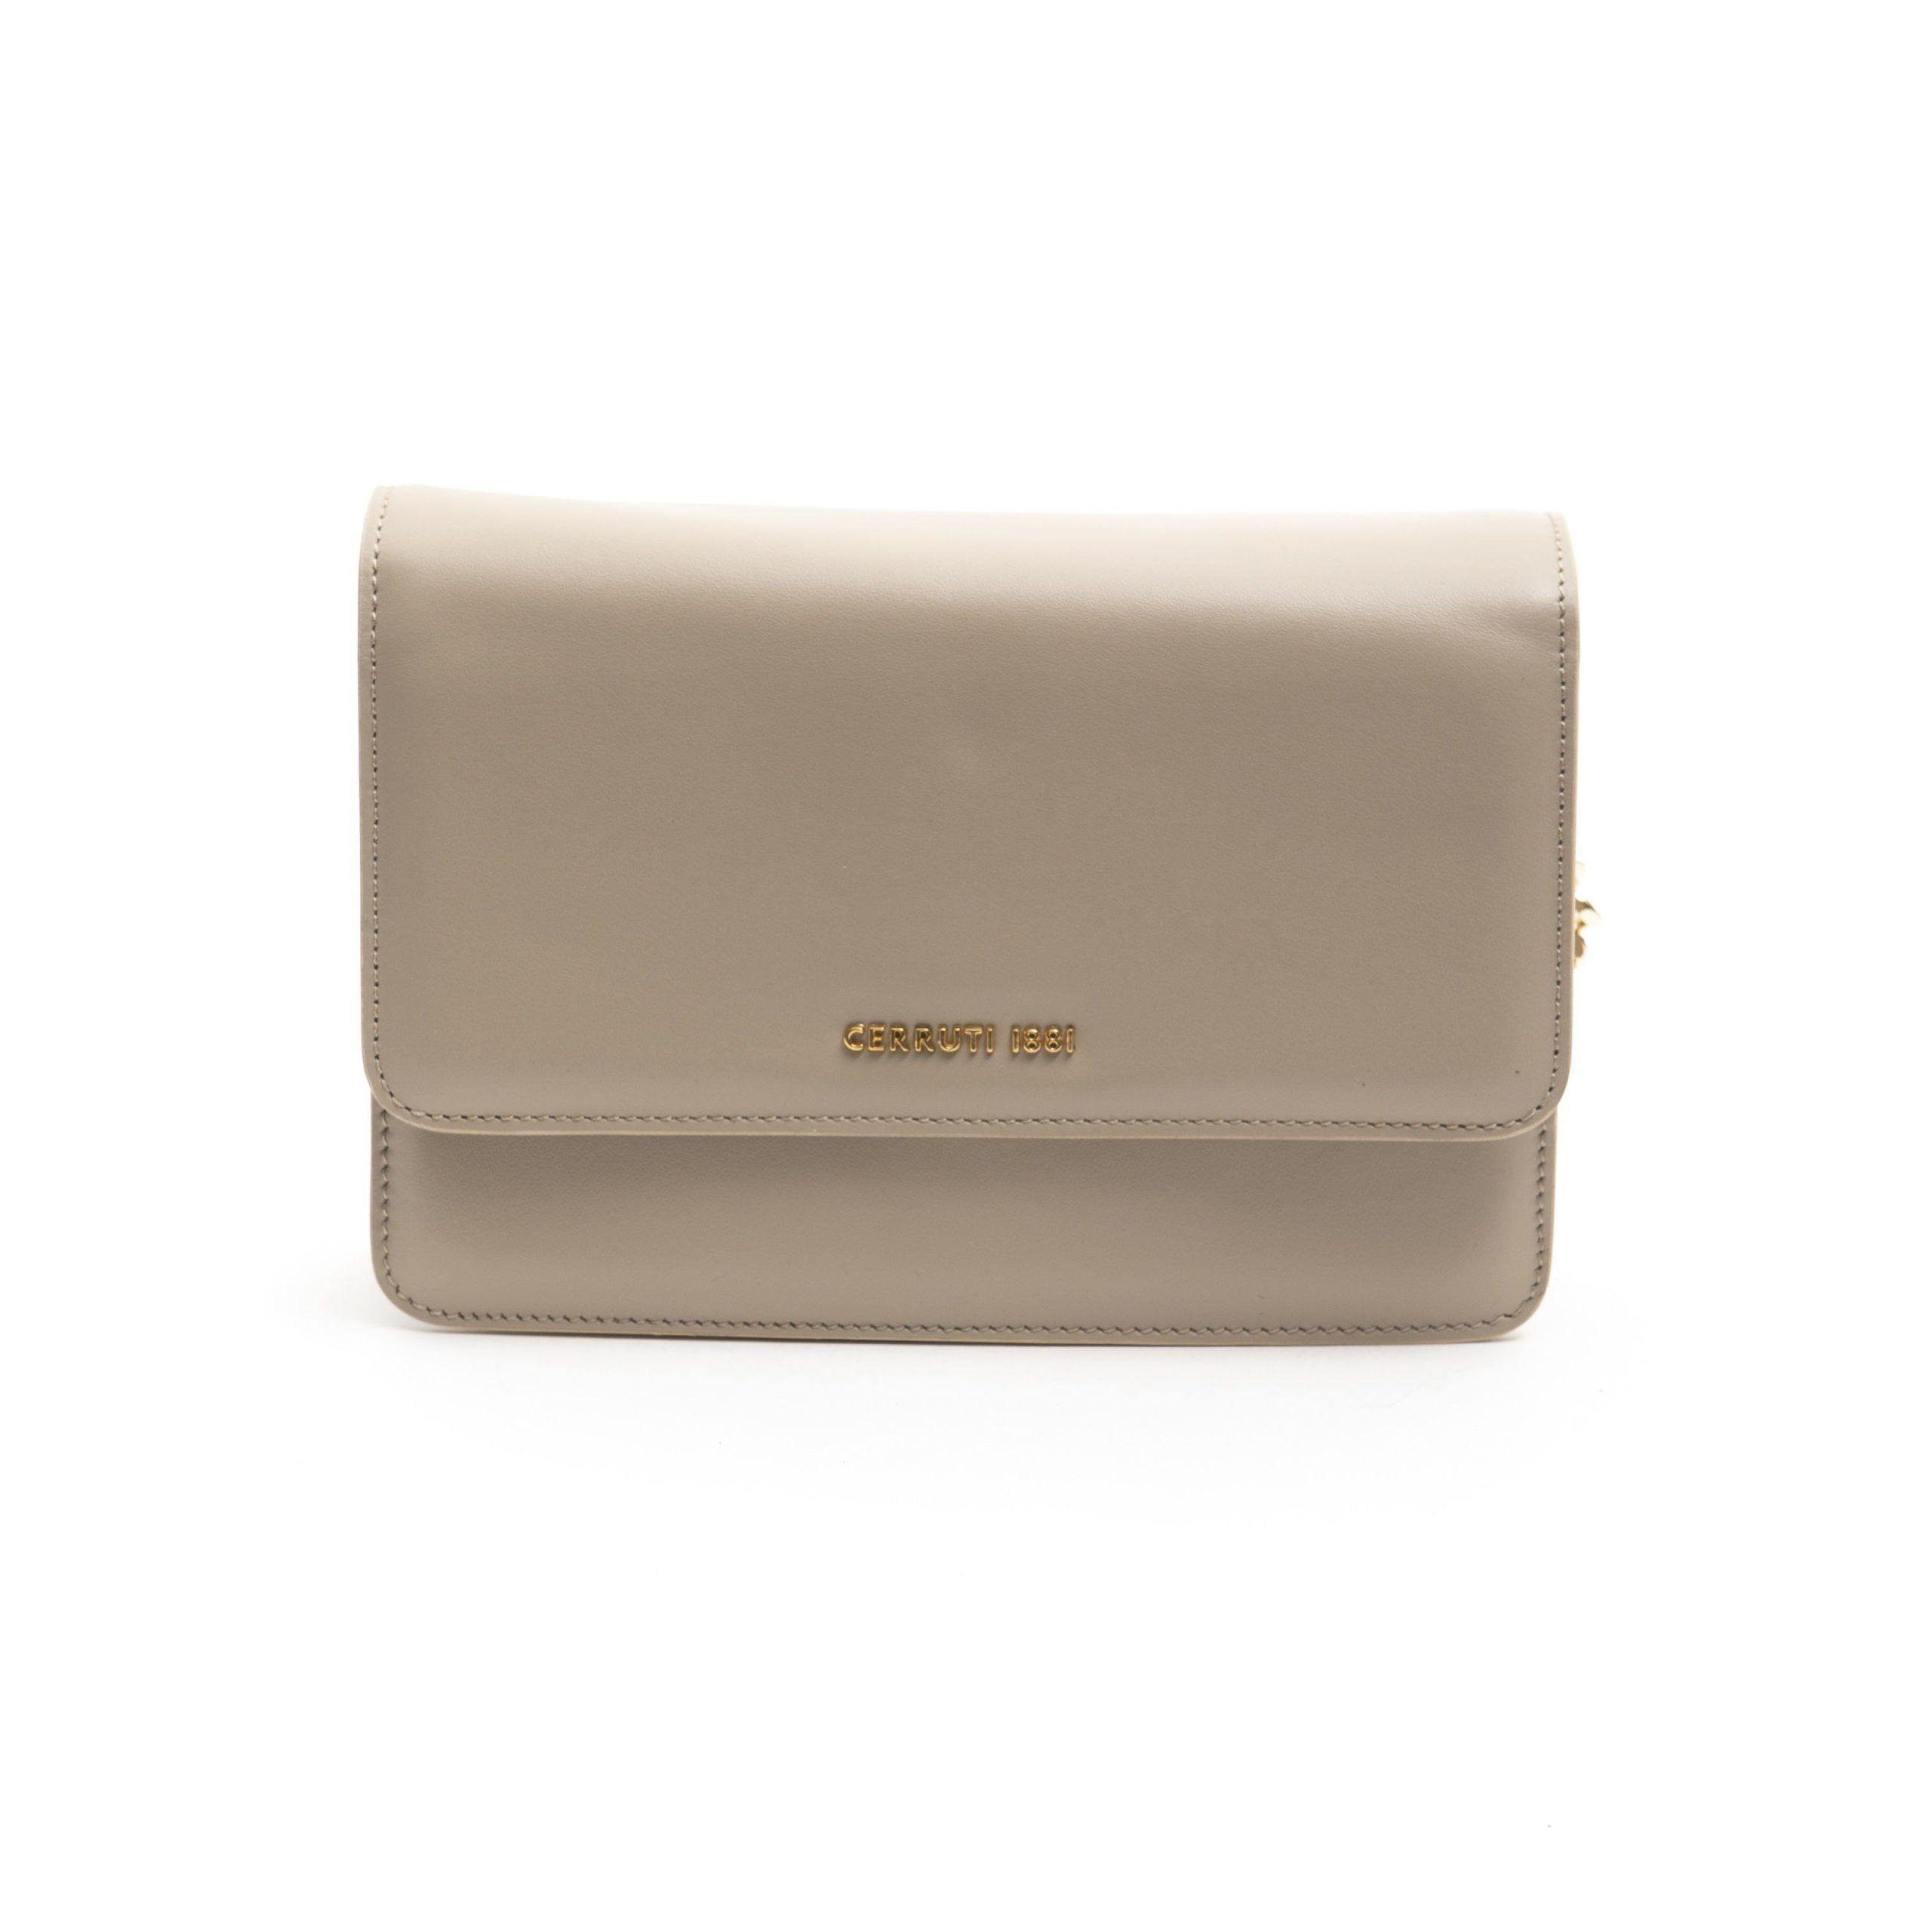 Cerruti 1881 Beige Clutch Bag